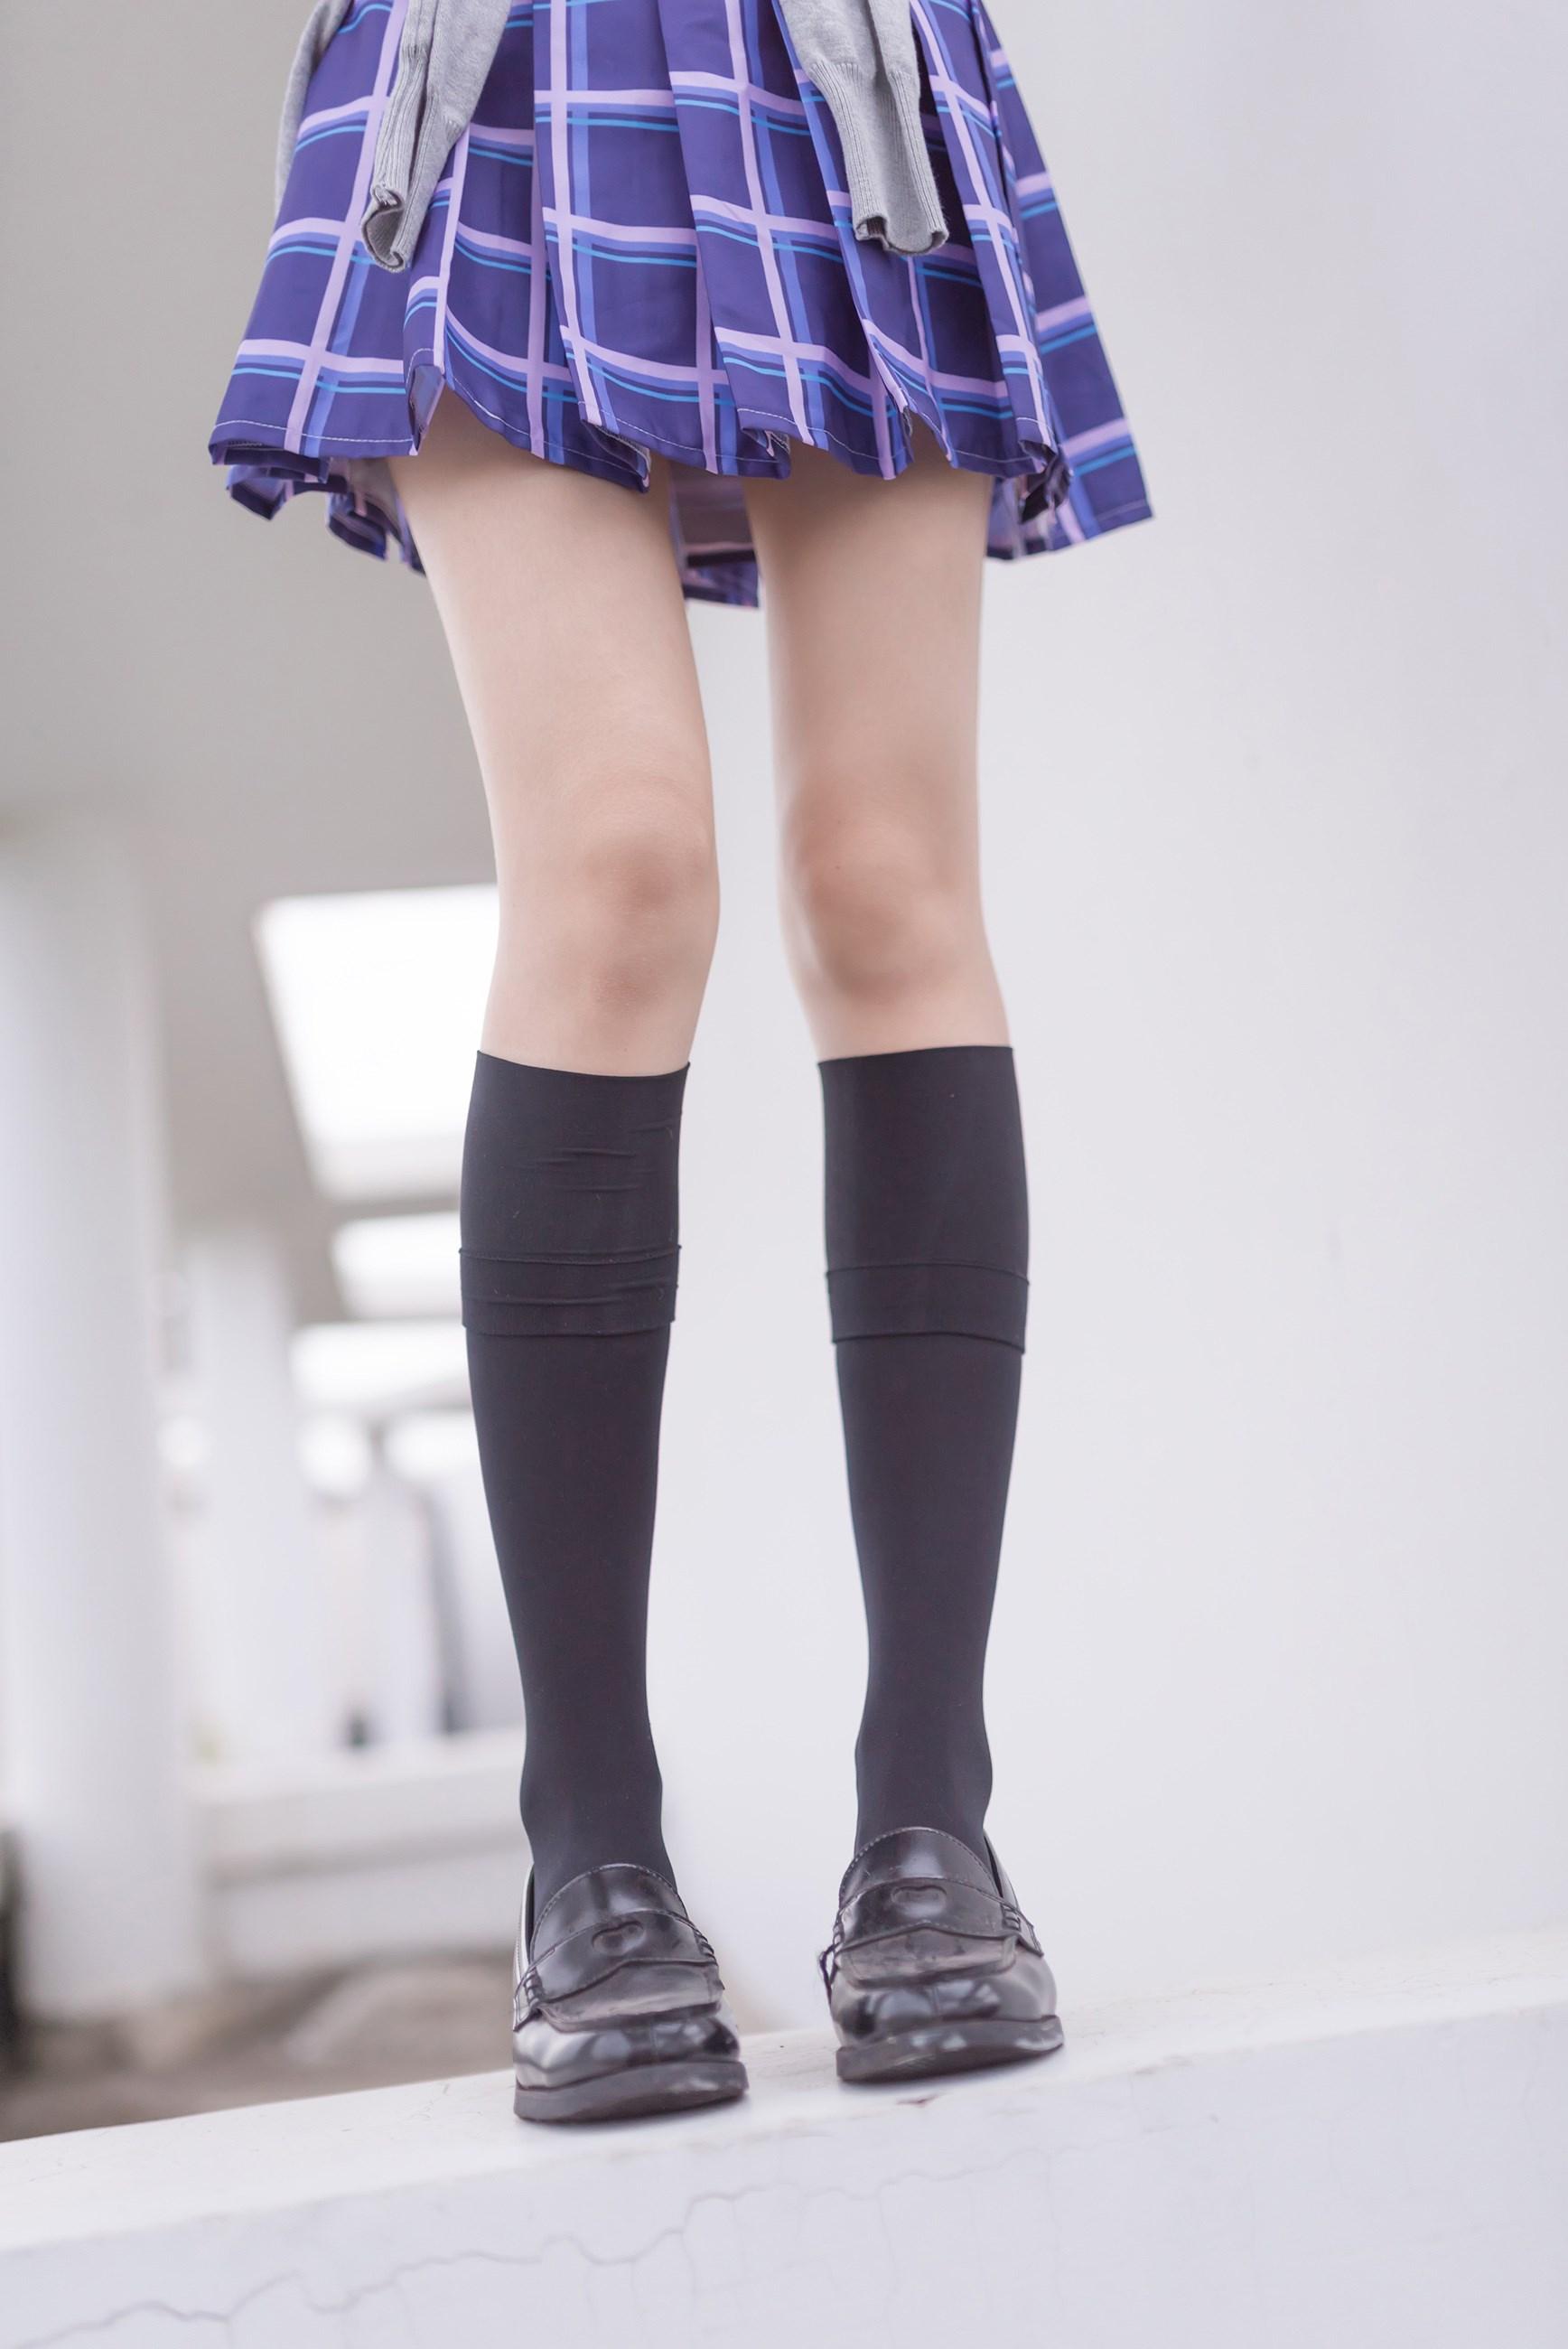 【兔玩映画】天台的蓝裙少女 兔玩映画 第39张